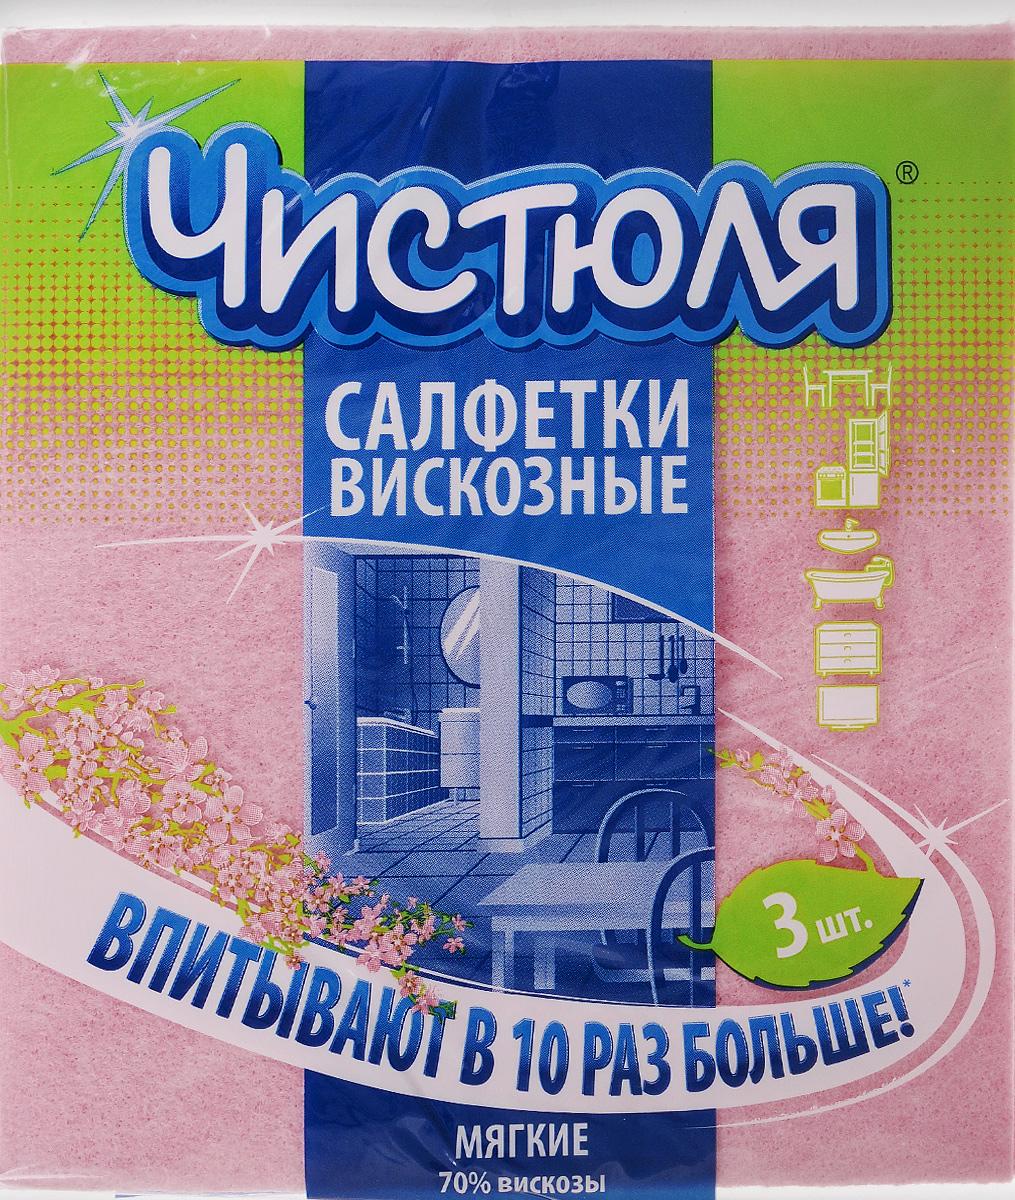 Набор салфеток Чистюля, цвет: розовый, 34 х 38 см, 3 шт9673_розовыйХозяйственные салфетки Чистюля, выполненные из вискозы и полиэстера, станут незаменимыми помощниками на кухне и в ванной комнате. За счет высокого содержания вискозы изделия отлично очищают любые поверхности, впитывая влагу вместе с грязью. Не оставляют ворсинок и разводов. Легко отстирываются при температуре до 70°C. Размер салфетки: 34 х 38 см. Состав: 70% вискоза, 30% полиэстер.